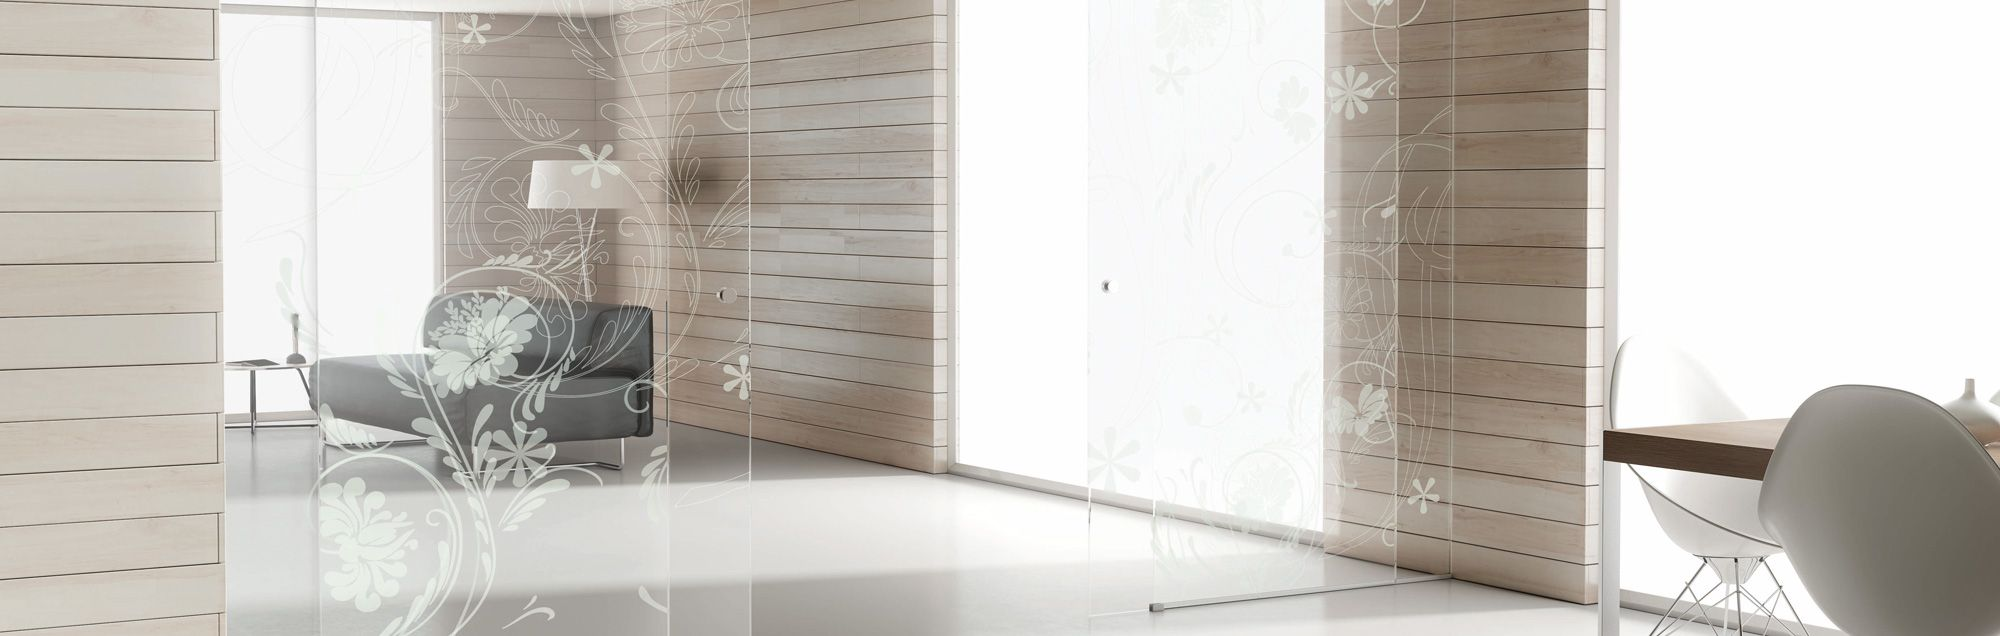 Kosmos puertas correderas de interior de vidrio de profiltek - Puertas correderas vidrio ...